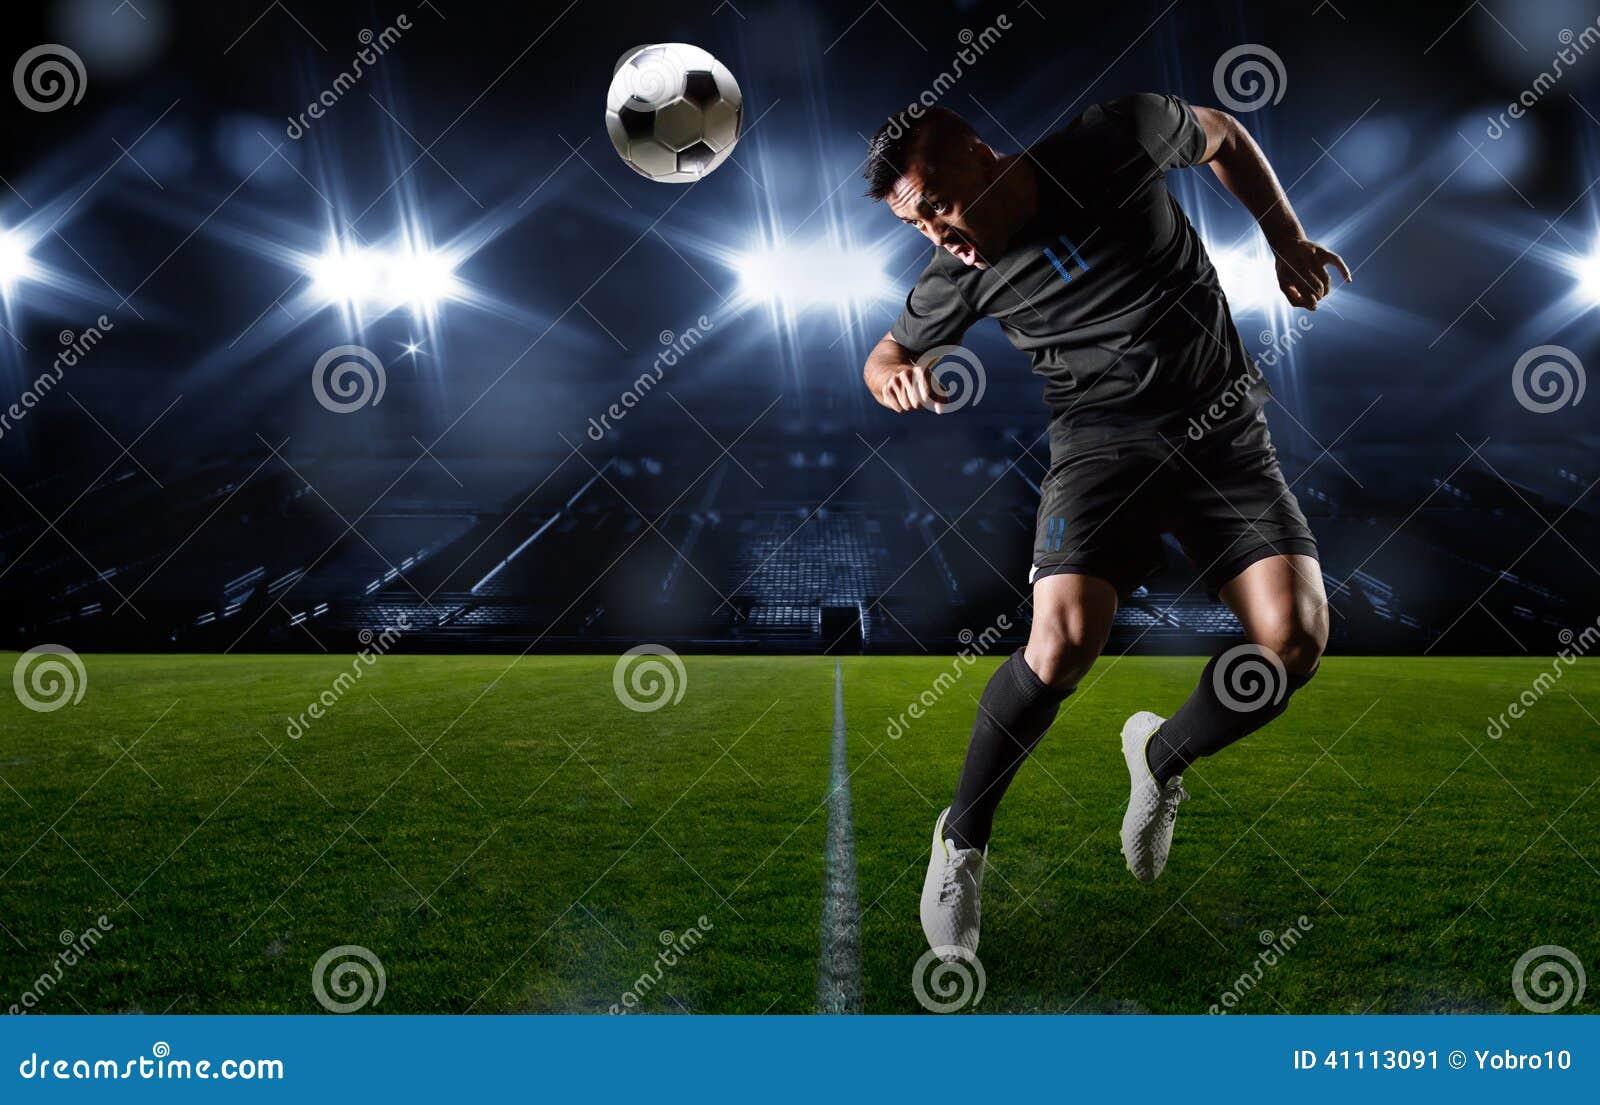 Jogador de futebol latino-americano que dirige a bola